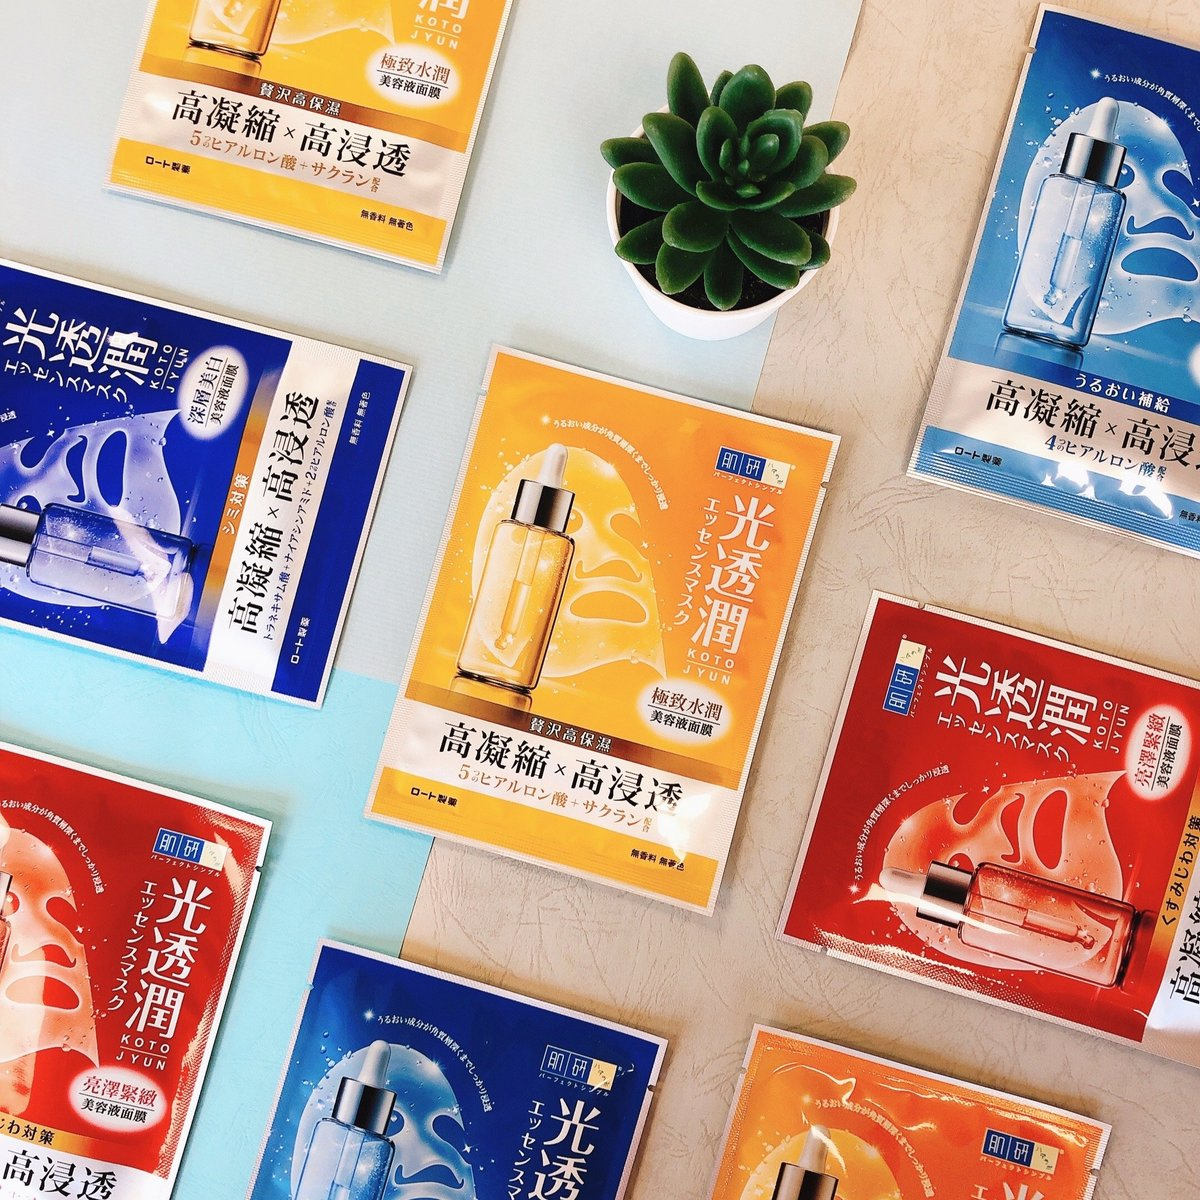 3 loại mặt nạ giấy hội gái Đài yêu thích nhất, giúp thu nhỏ lỗ chân lông khiến da căng mướt đón Tết - Hình 4